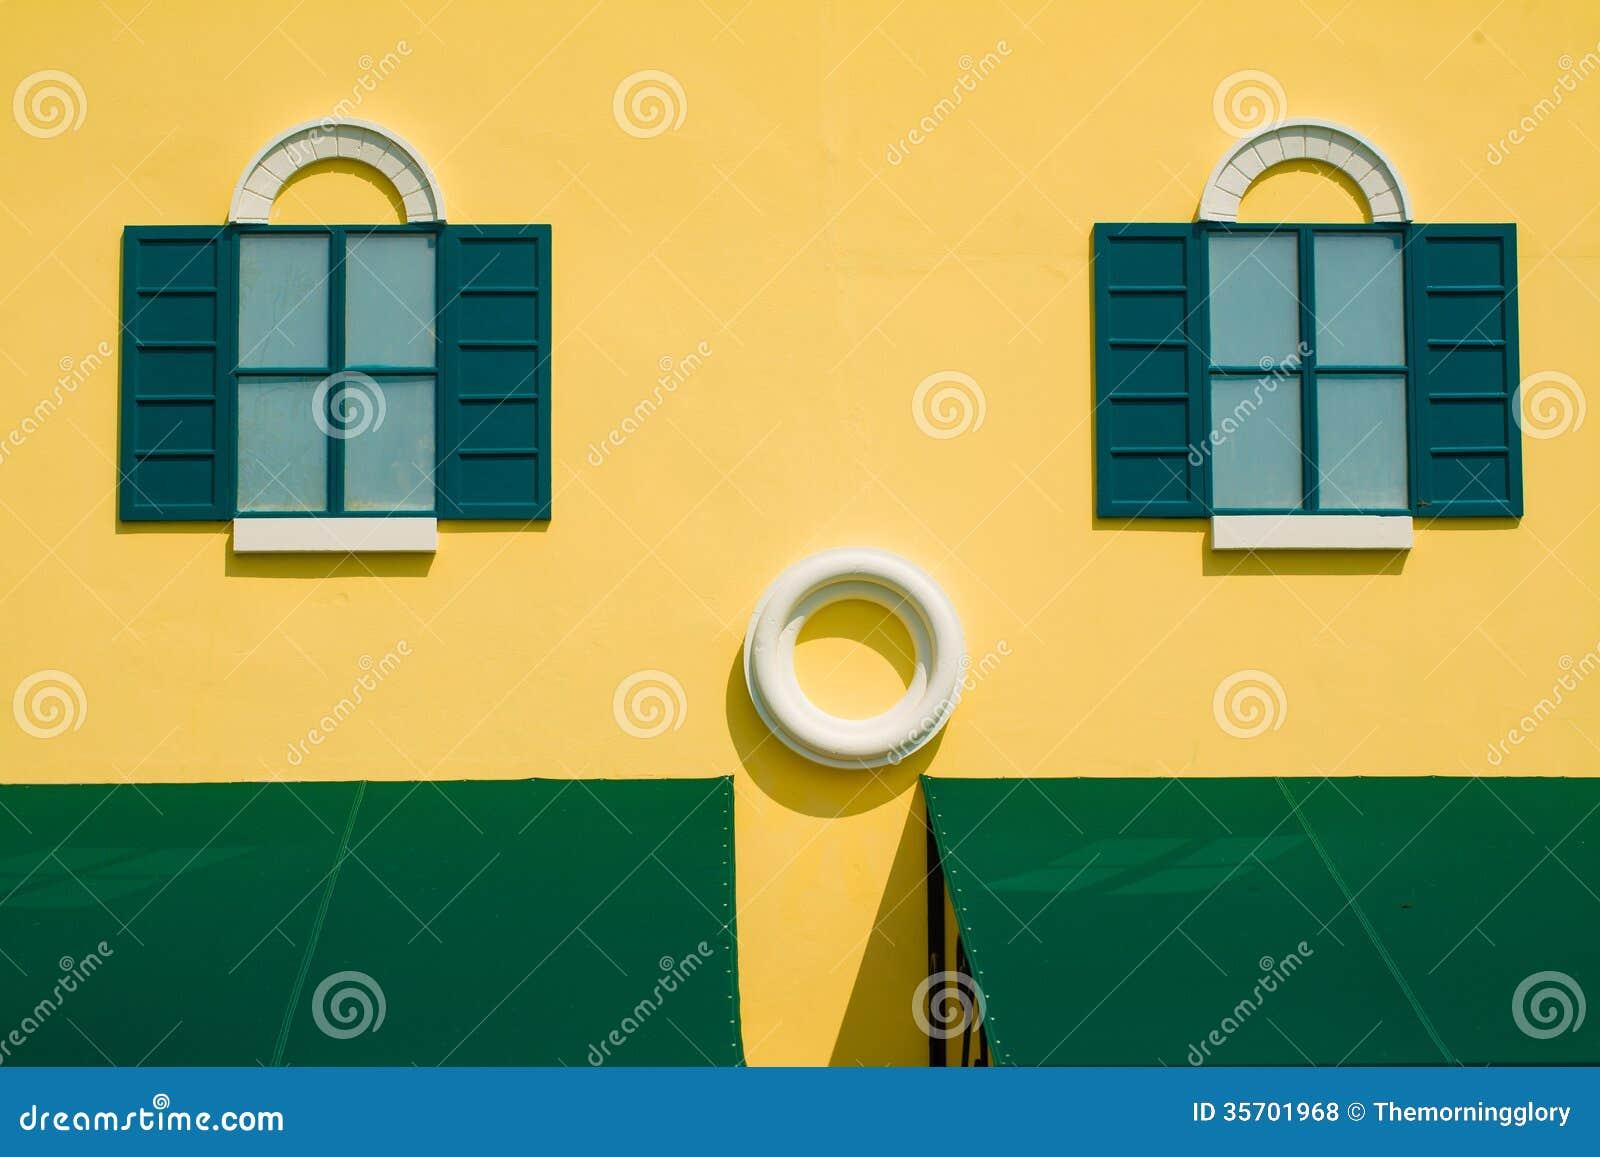 Grüne Fensterläden Auf Gelber Wand Lizenzfreie Stockfotos ...